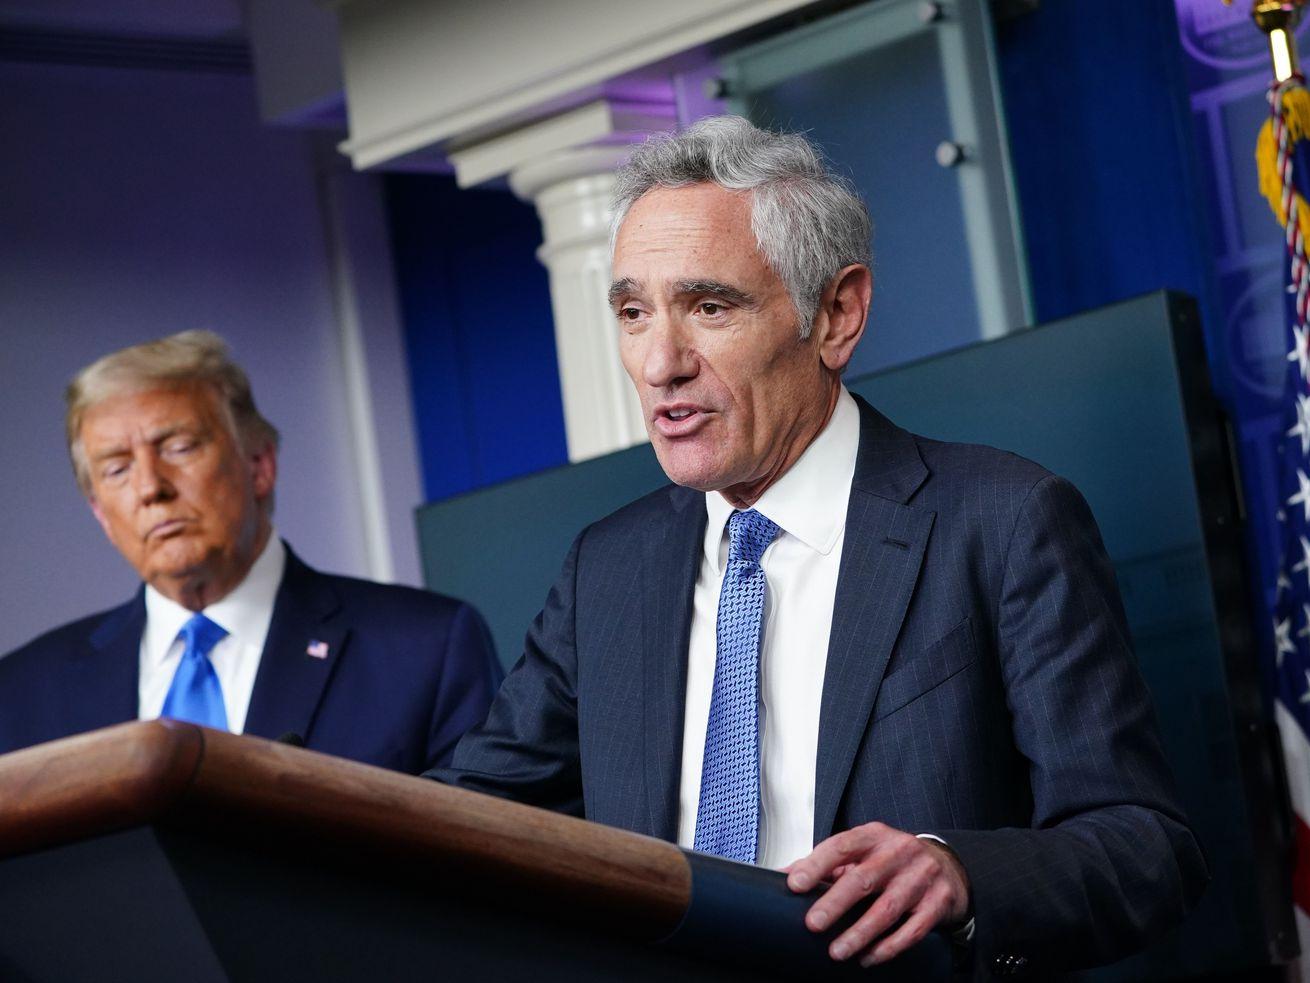 Le président américain Donald Trump écoute le conseiller en coronavirus de la Maison Blanche, Scott Atlas, s'exprimer depuis un podium lors d'une conférence de presse dans la salle de briefing Brady de la Maison Blanche le 23 septembre 2020, à Washington, DC.